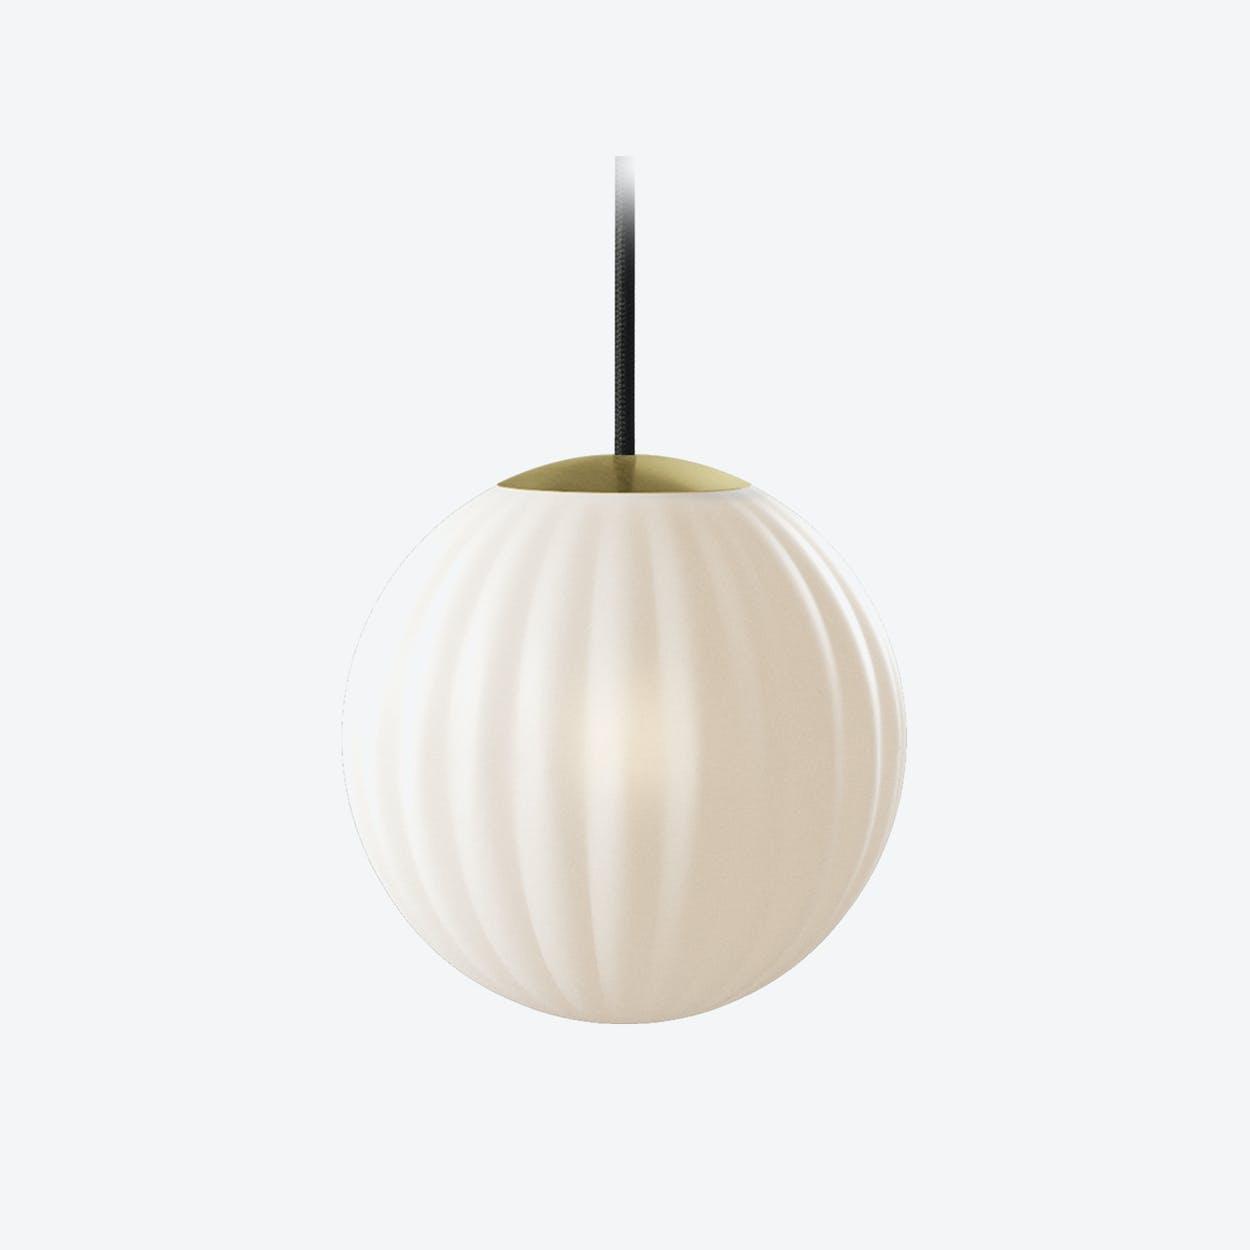 Bright Modeco Pendant Light in Off-white